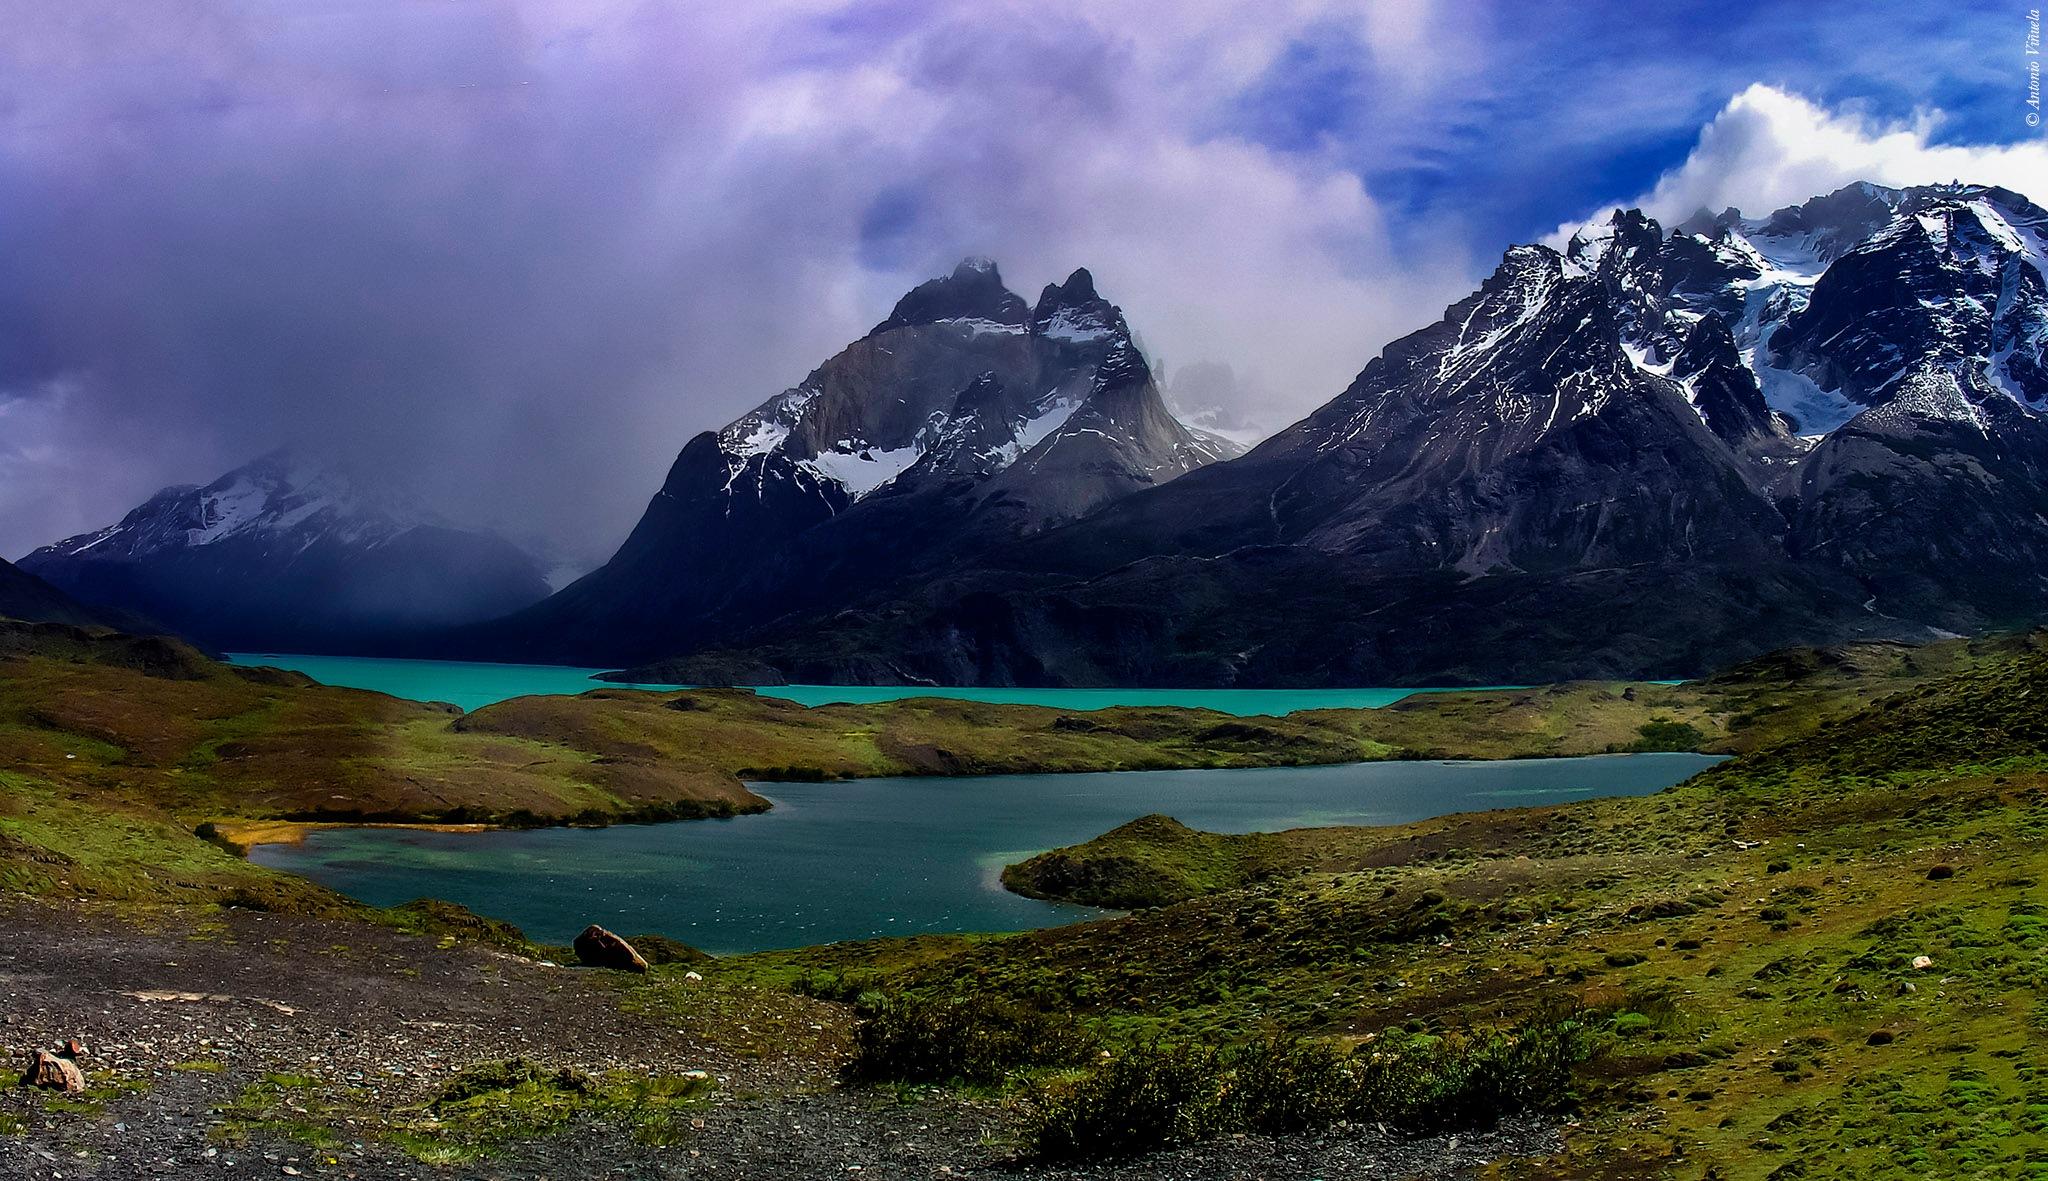 La inmensidad de la montaña / The immensity of the mountain by Antonio Viñuela